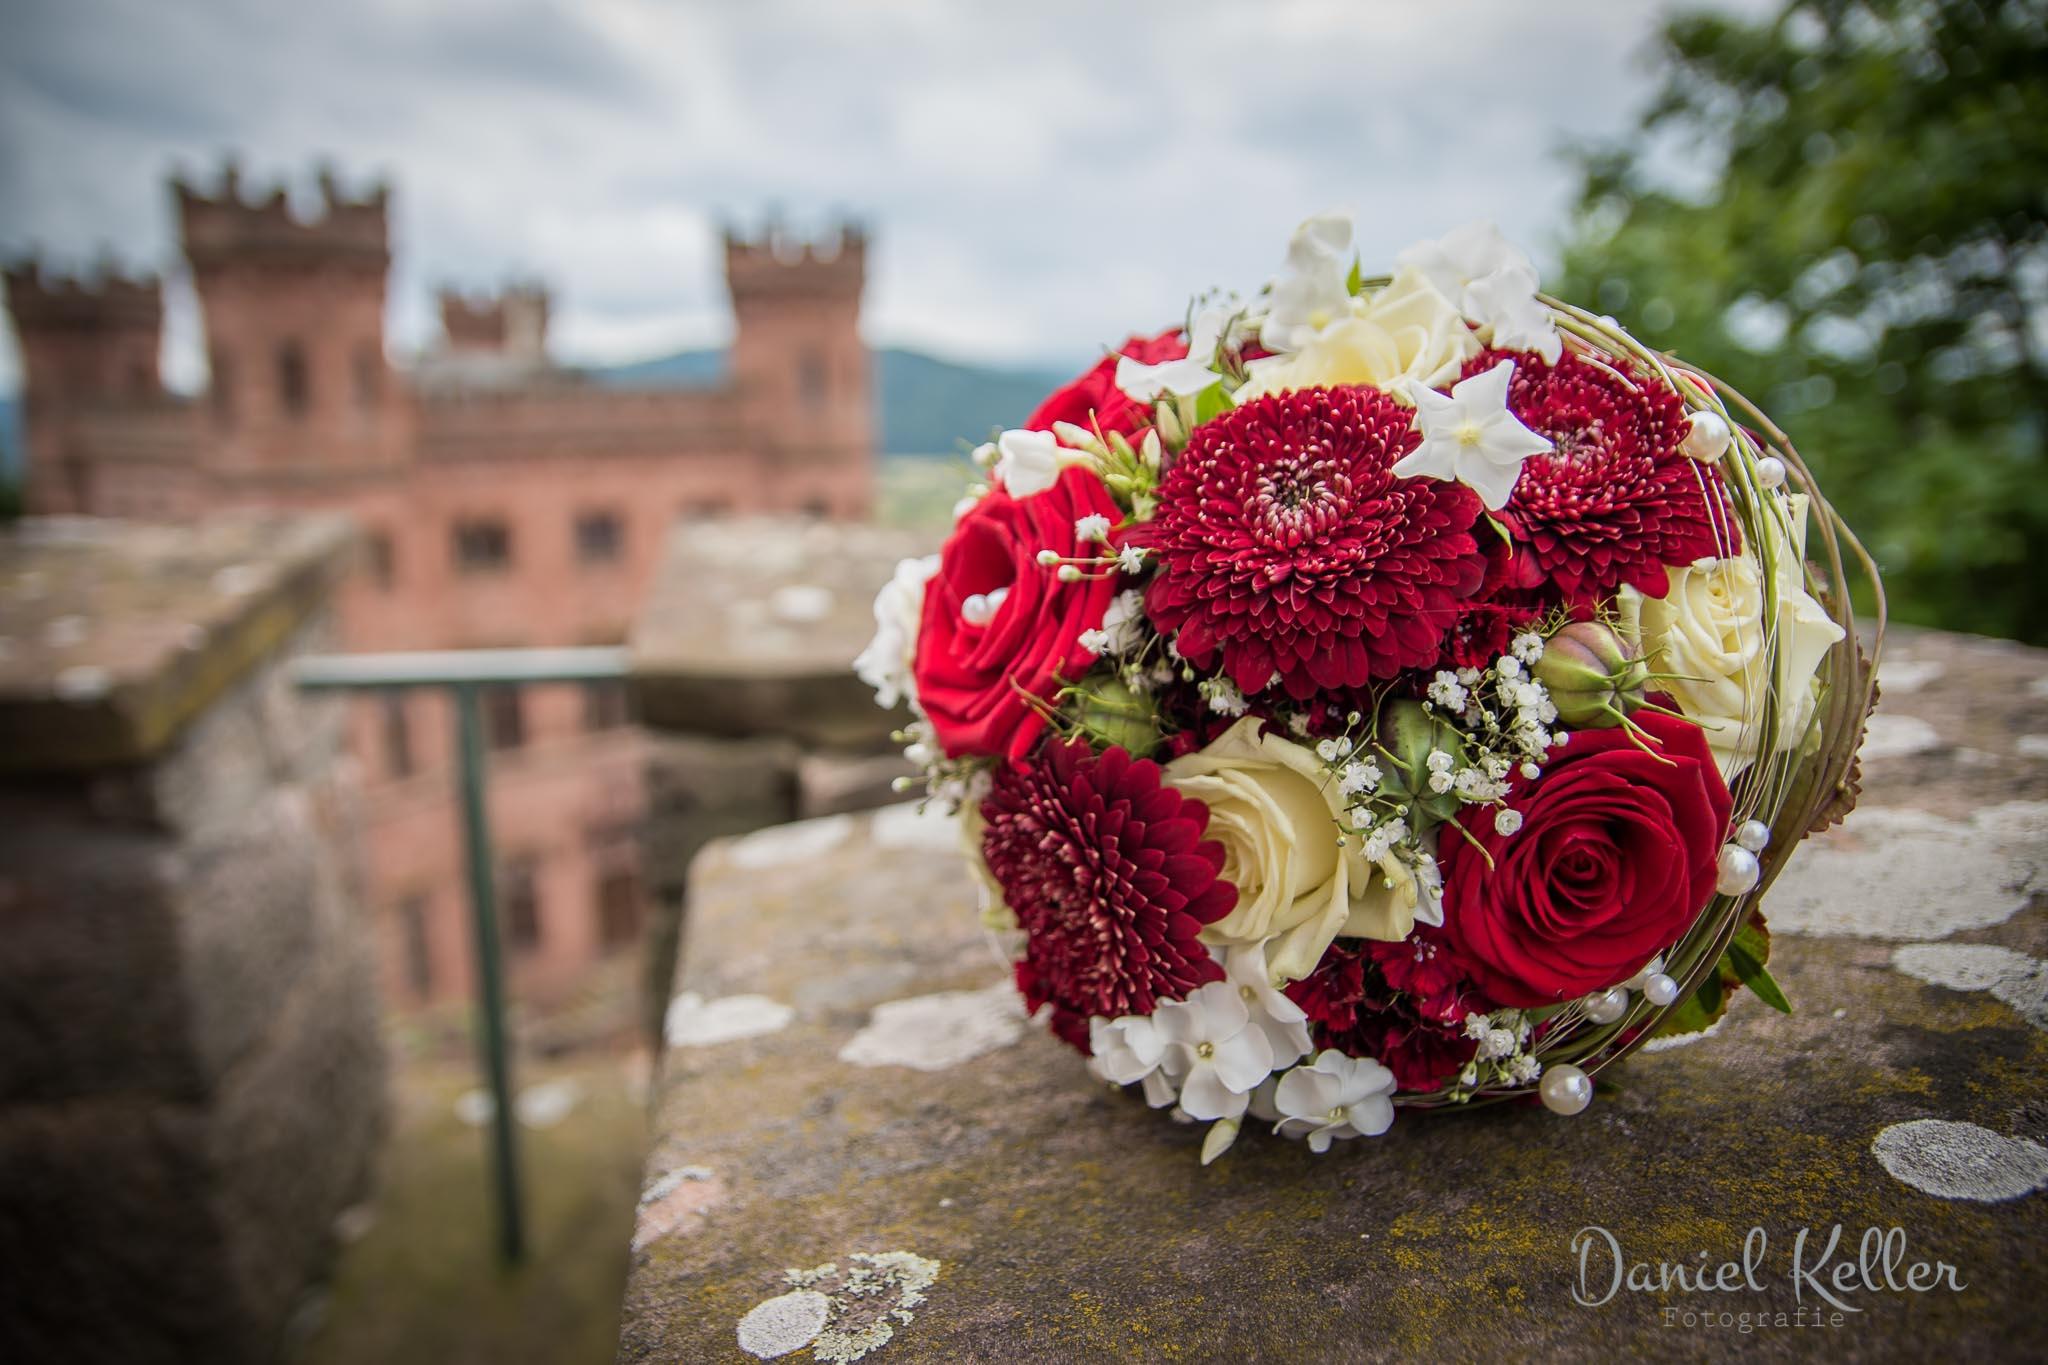 Hochzeitsfotograf Offenburg Daniel Keller Hochzeitsstrauß Schloss Ortenberg